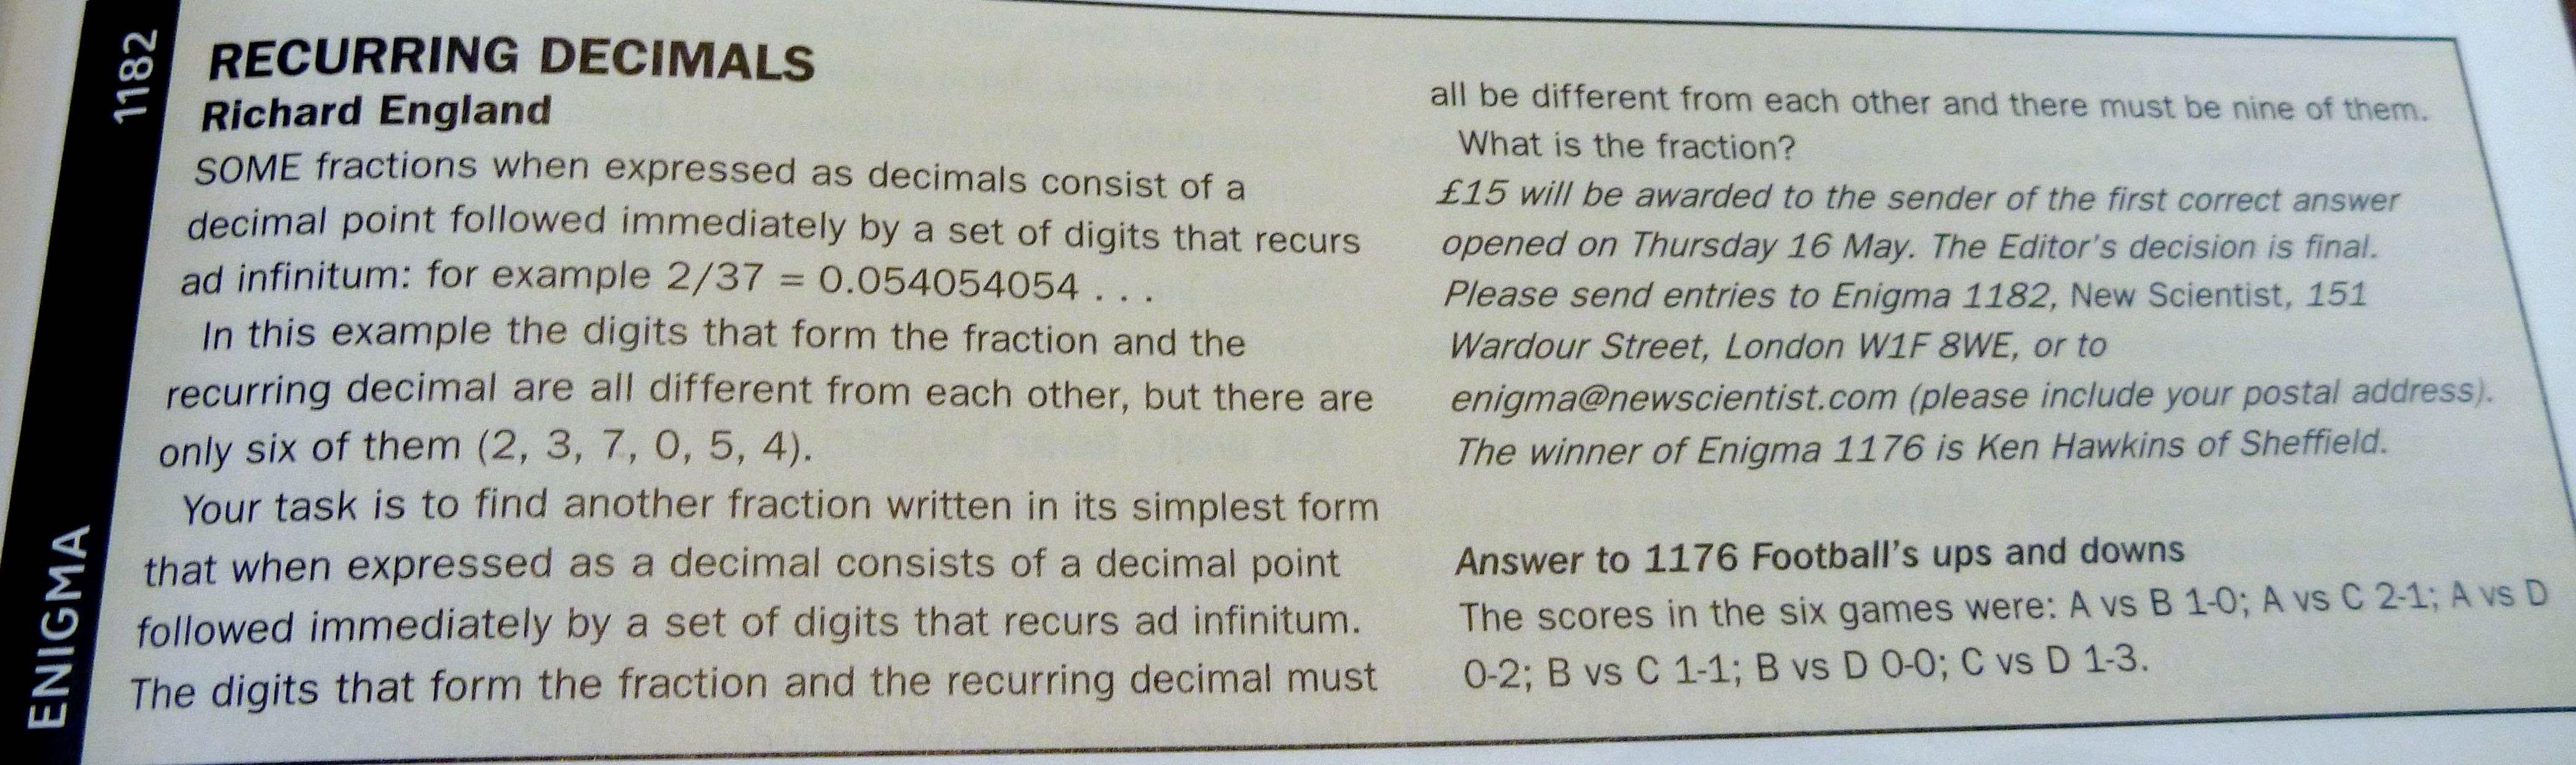 recurring decimals essay